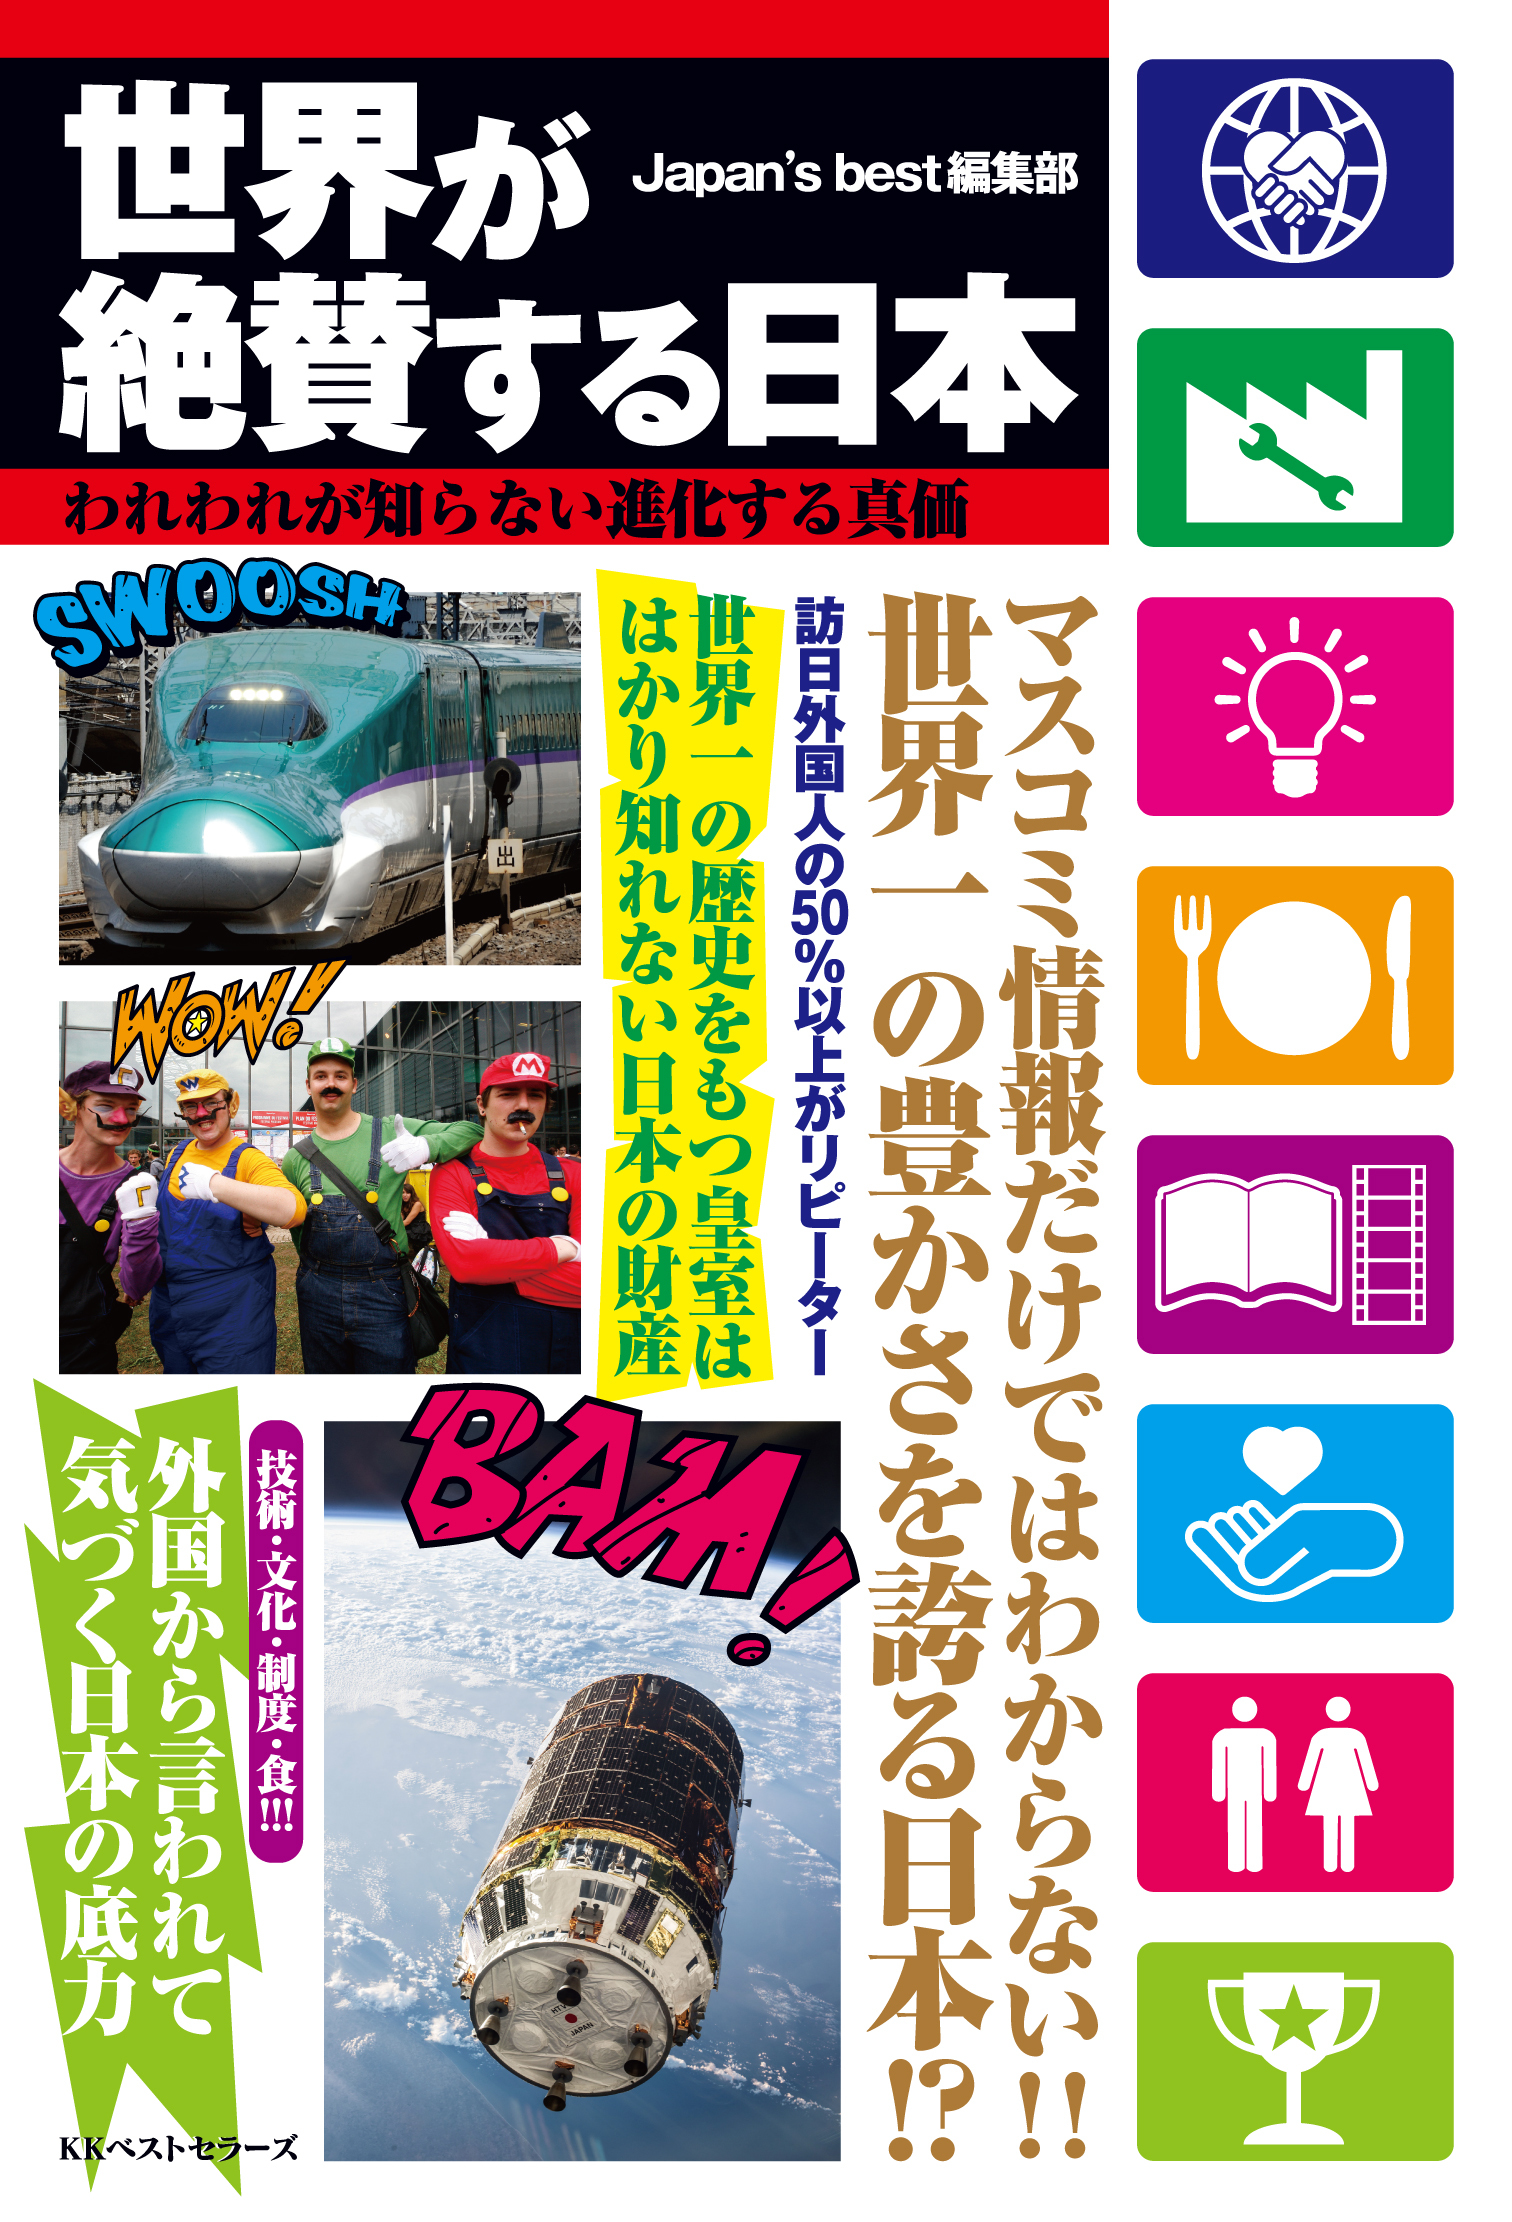 ◆海外から指摘されて初めてきづく日本のすばらしさ